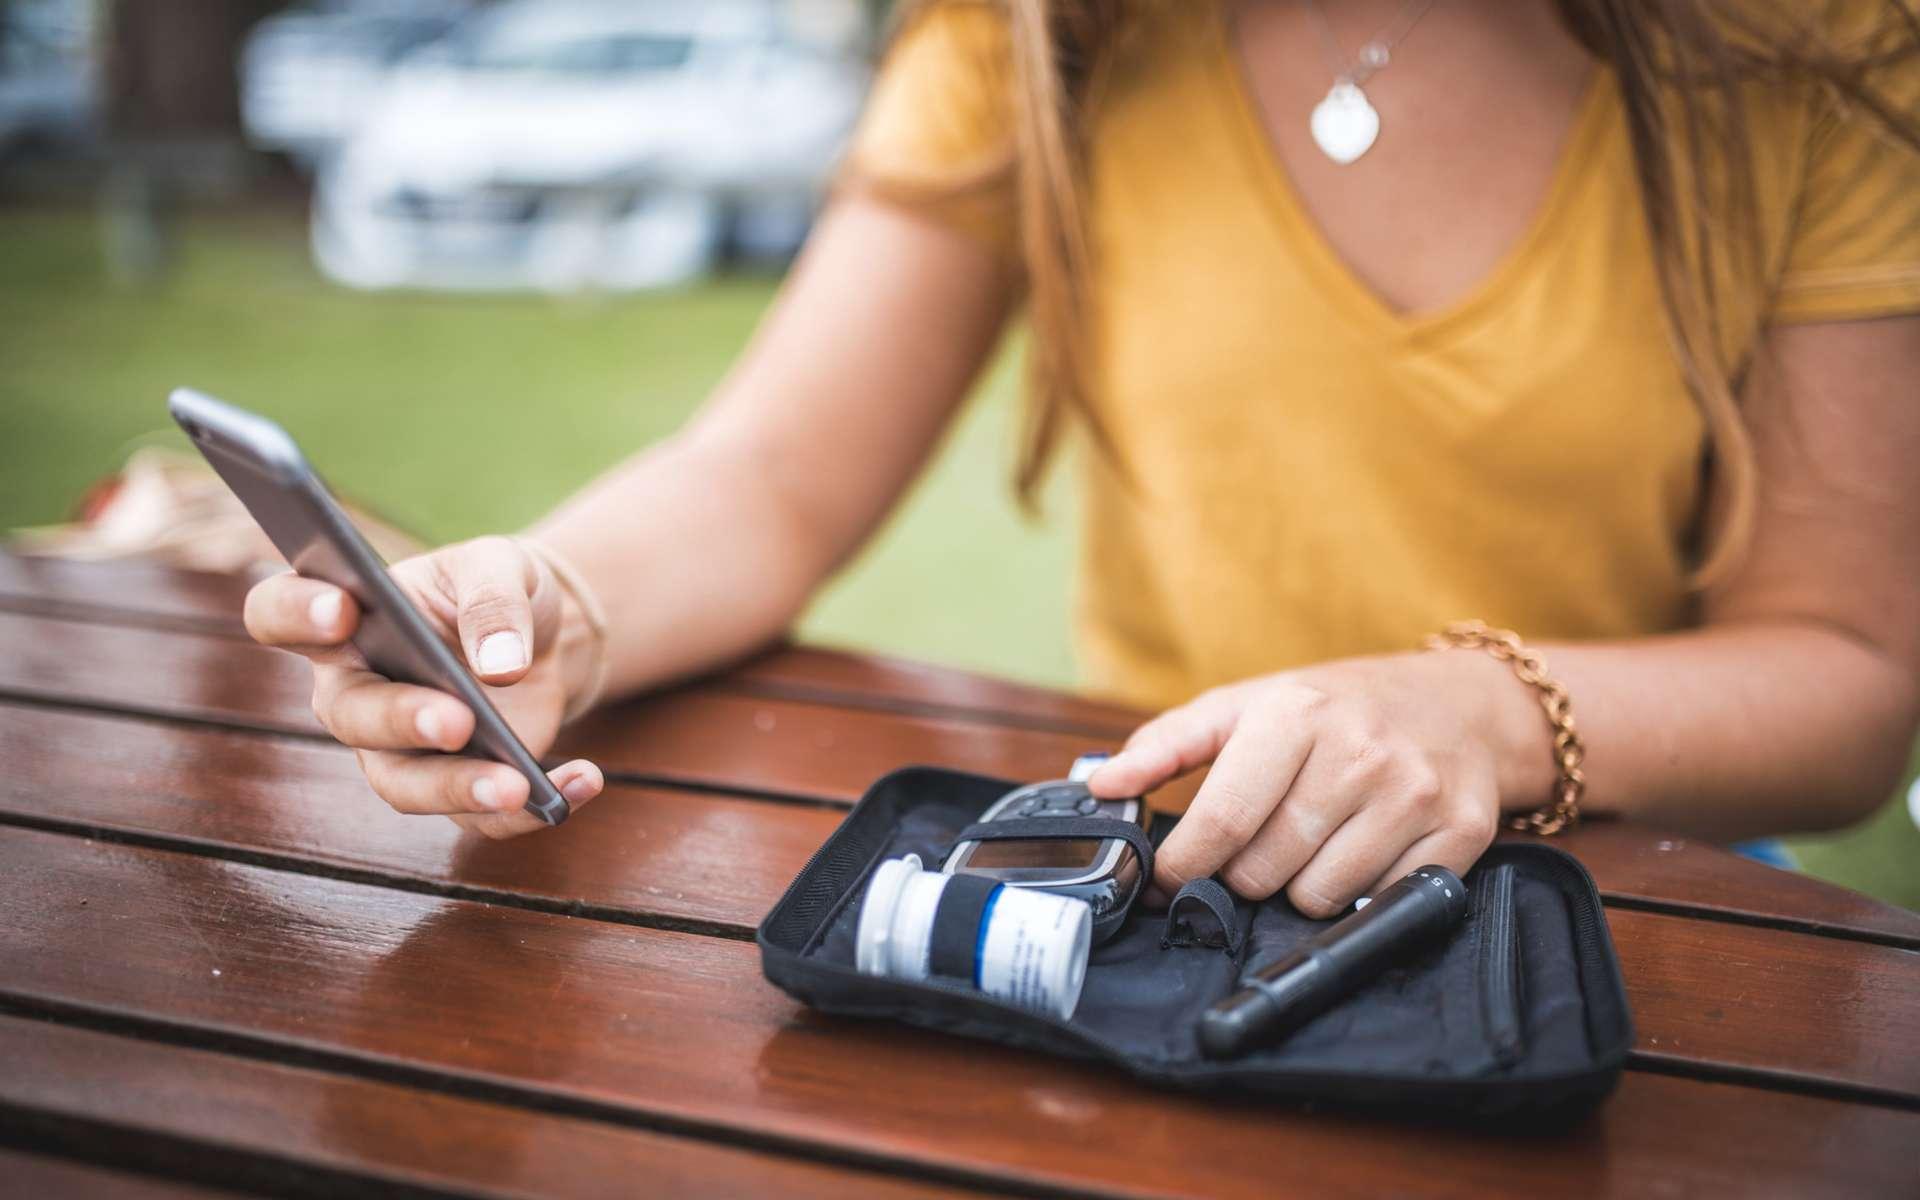 Est-ce notre tendance à rester les yeux rivés sur l'écran du smartphone qui engendre la dépression ou l'inverse ? © AzmanL, IStock.com